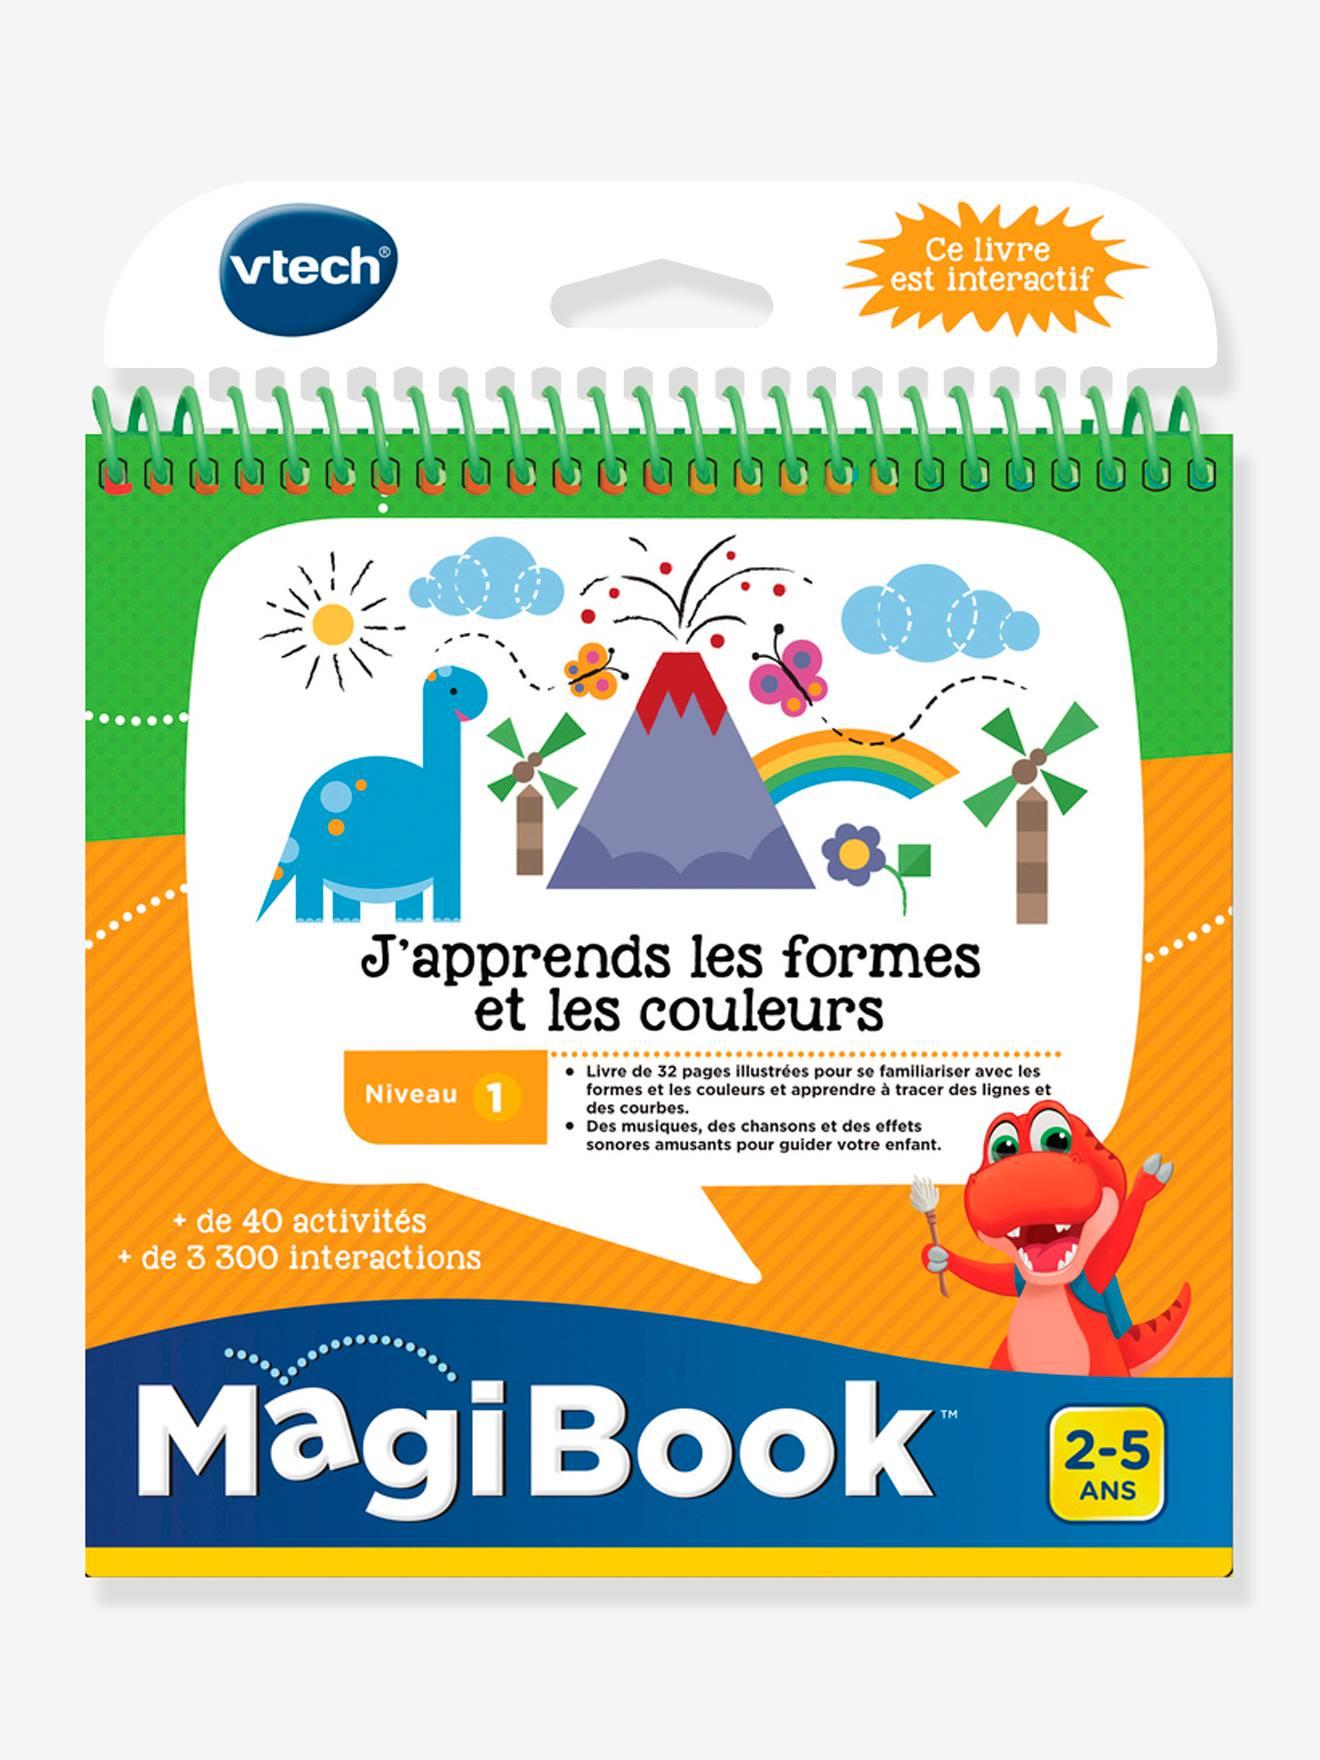 MAGIBOOK - Livre éducatif « J'apprends les formes et les couleurs » VTECH multicolore